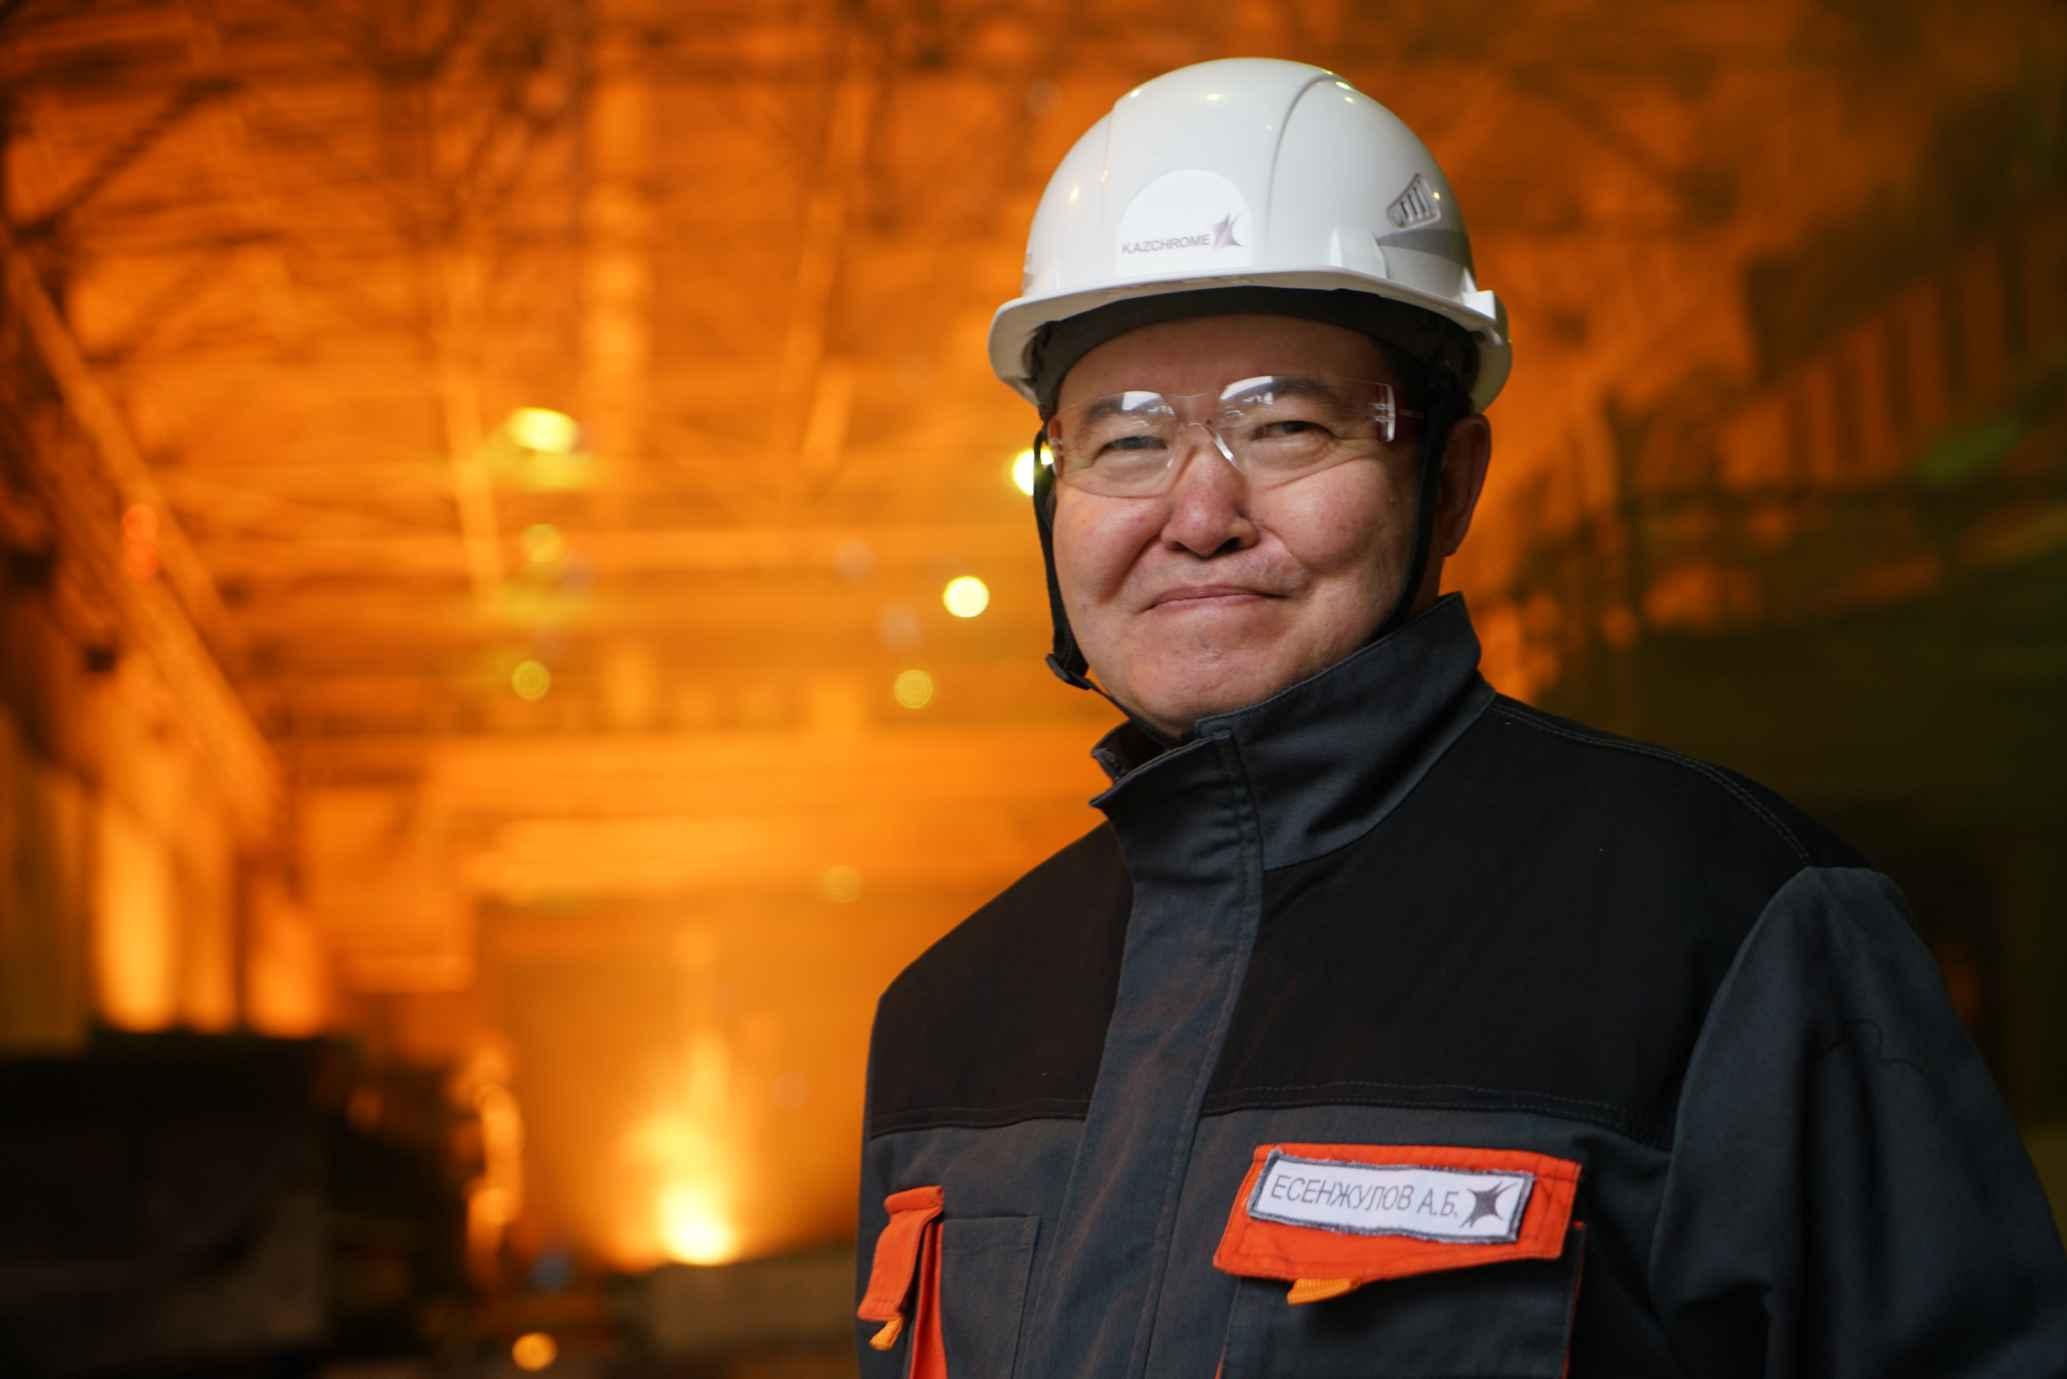 Арман Есенжулов: в металлургии профессионалом быстро не станешь